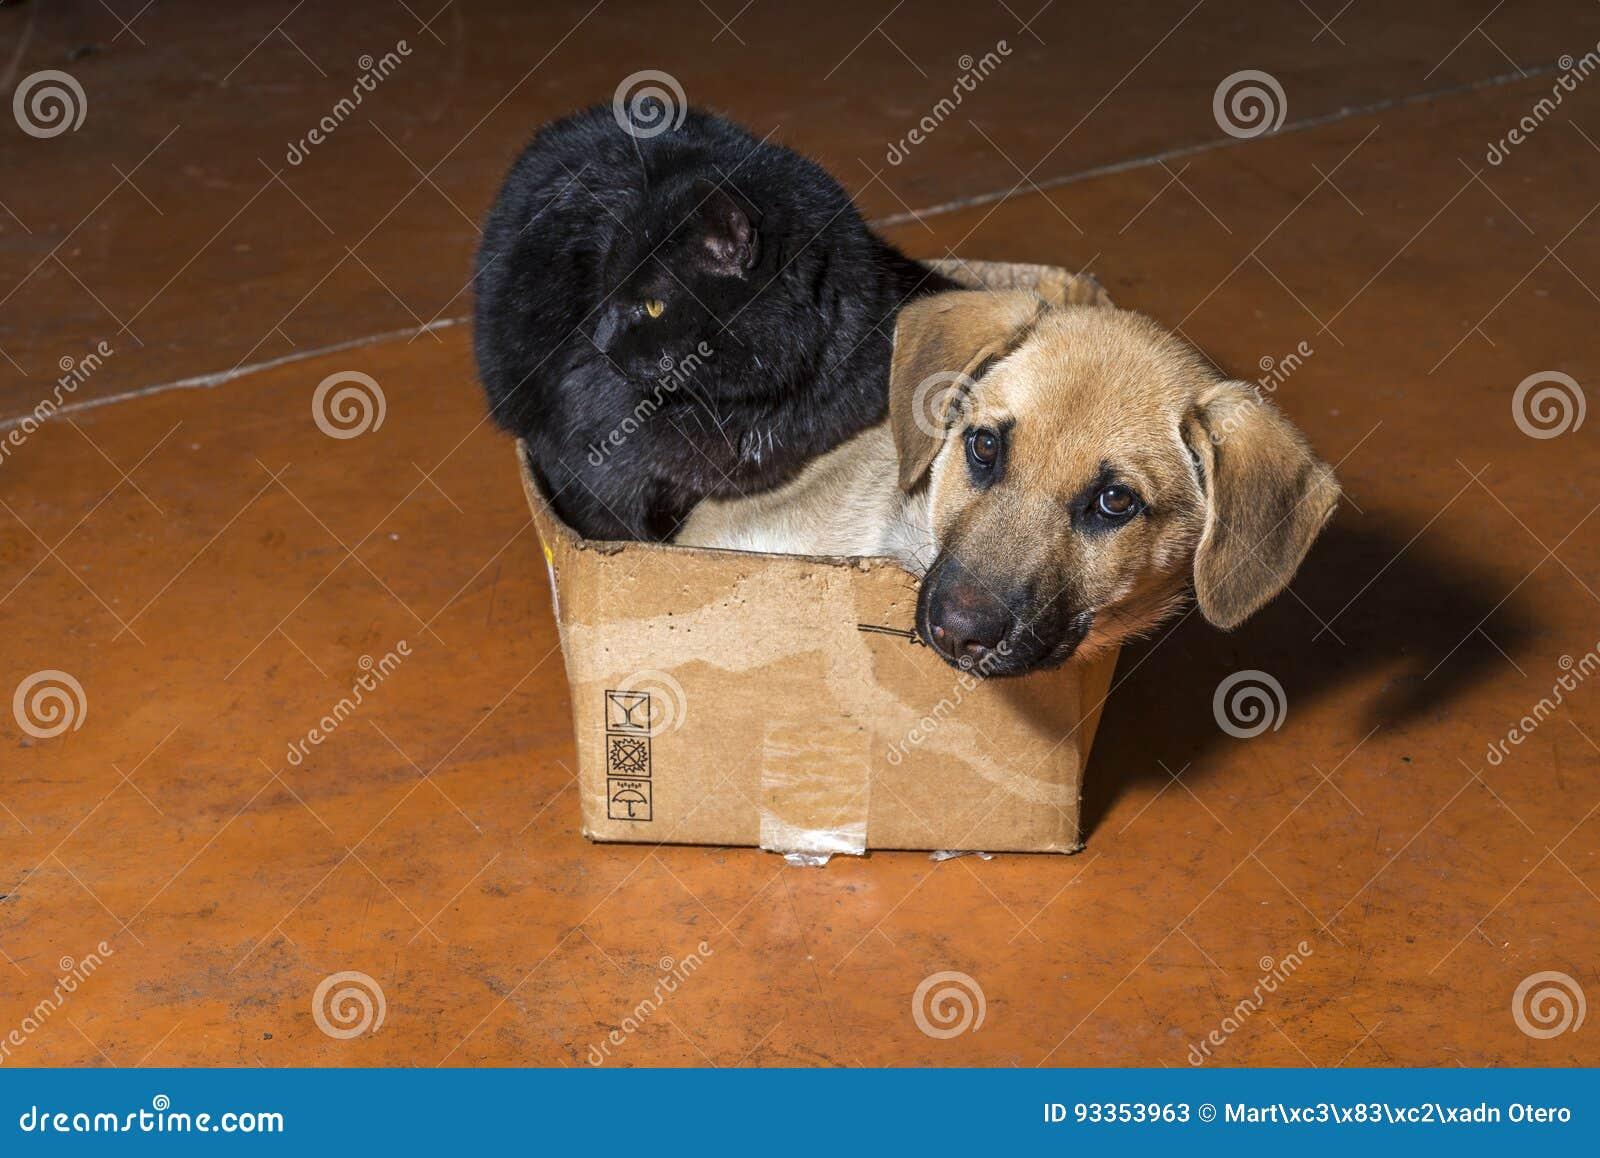 Brun hund och svart katt